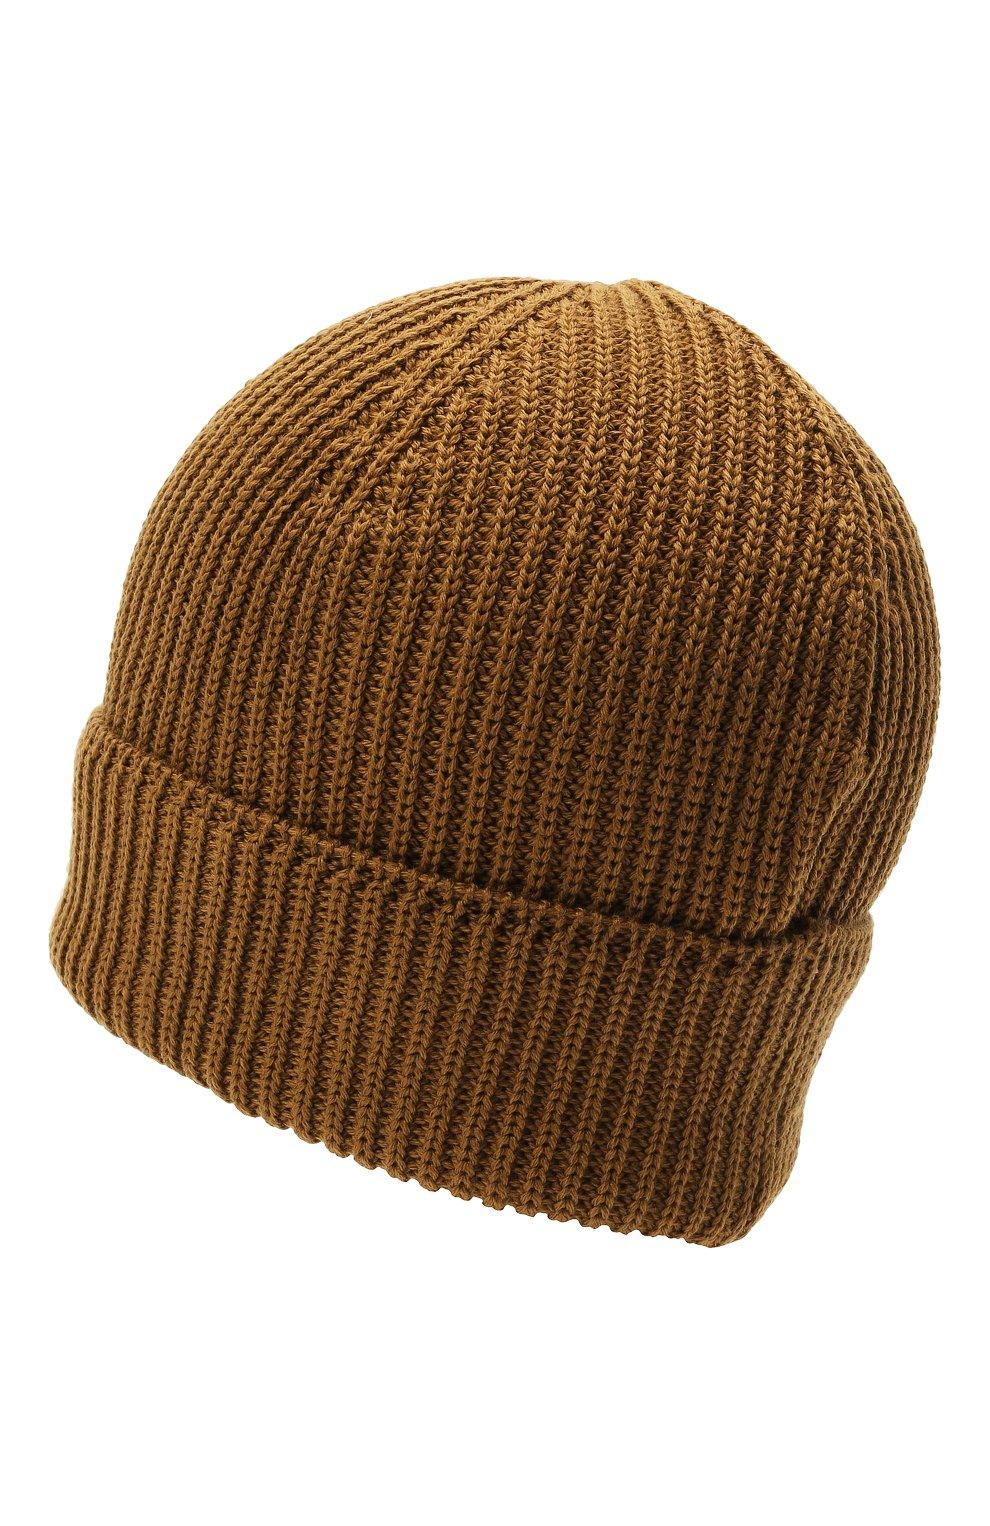 Мужская шерстяная шапка C.P. COMPANY коричневого цвета, арт. 11CMAC121A-005509A   Фото 2 (Материал: Шерсть; Кросс-КТ: Трикотаж)